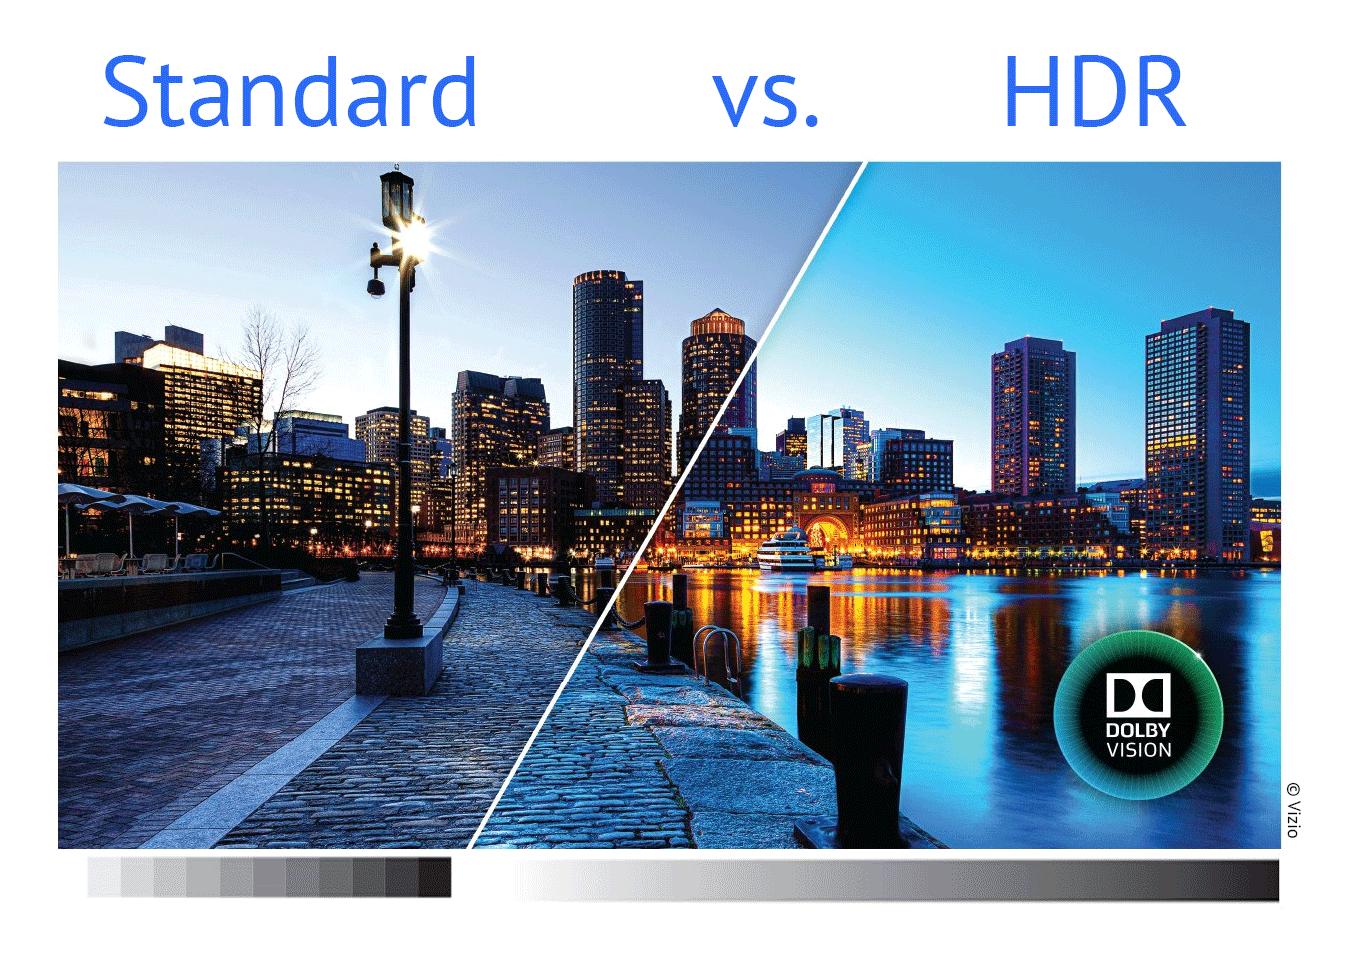 HDMI HDR – Alle Informationen zum neuen Standard HDR 10 und Dolby Vision